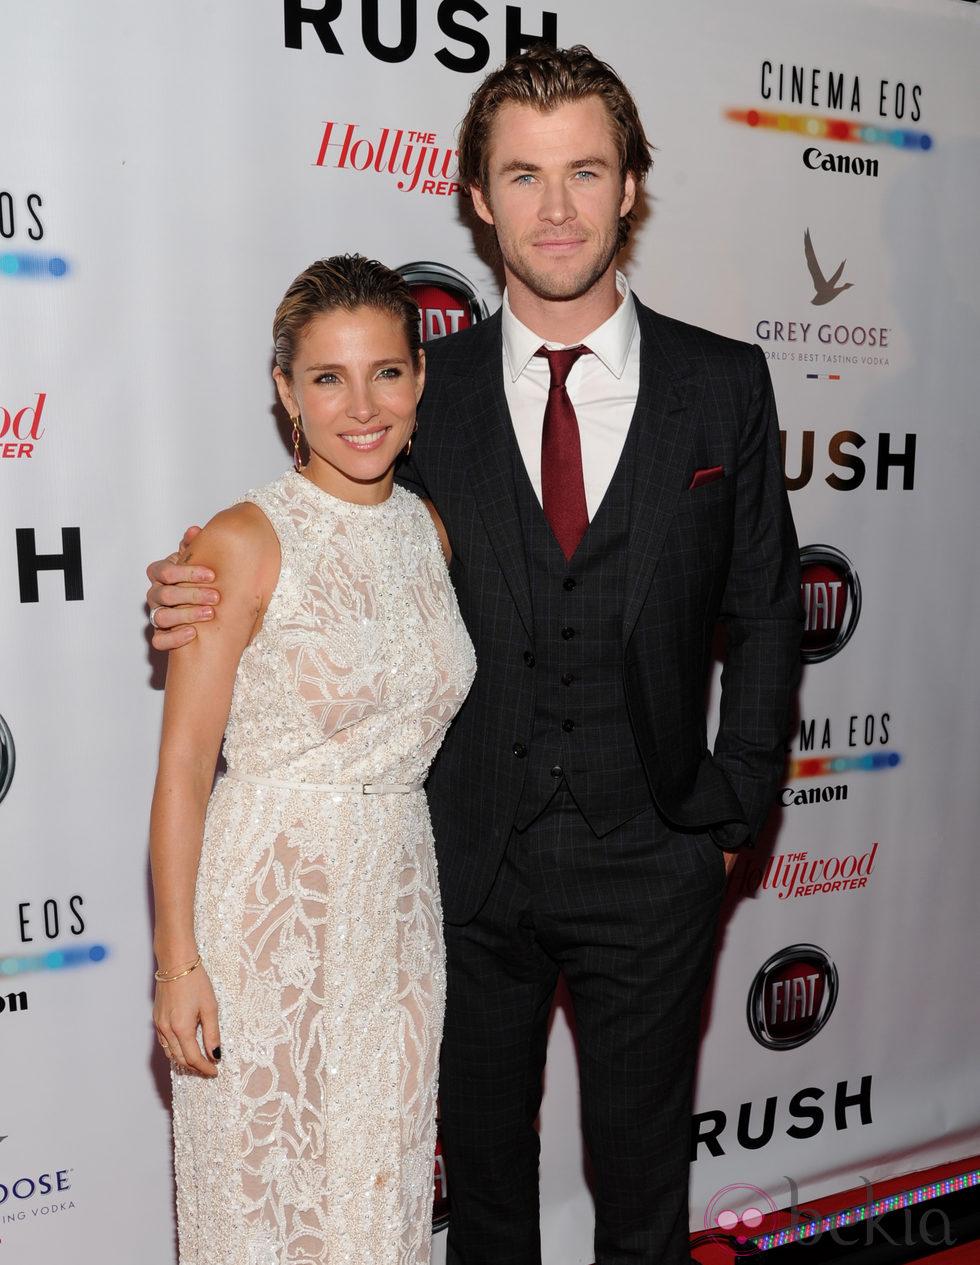 Elsa Pataky y Chris Hemsworth en el estreno de 'Rush' en el Festival Internacional de Toronto 2013